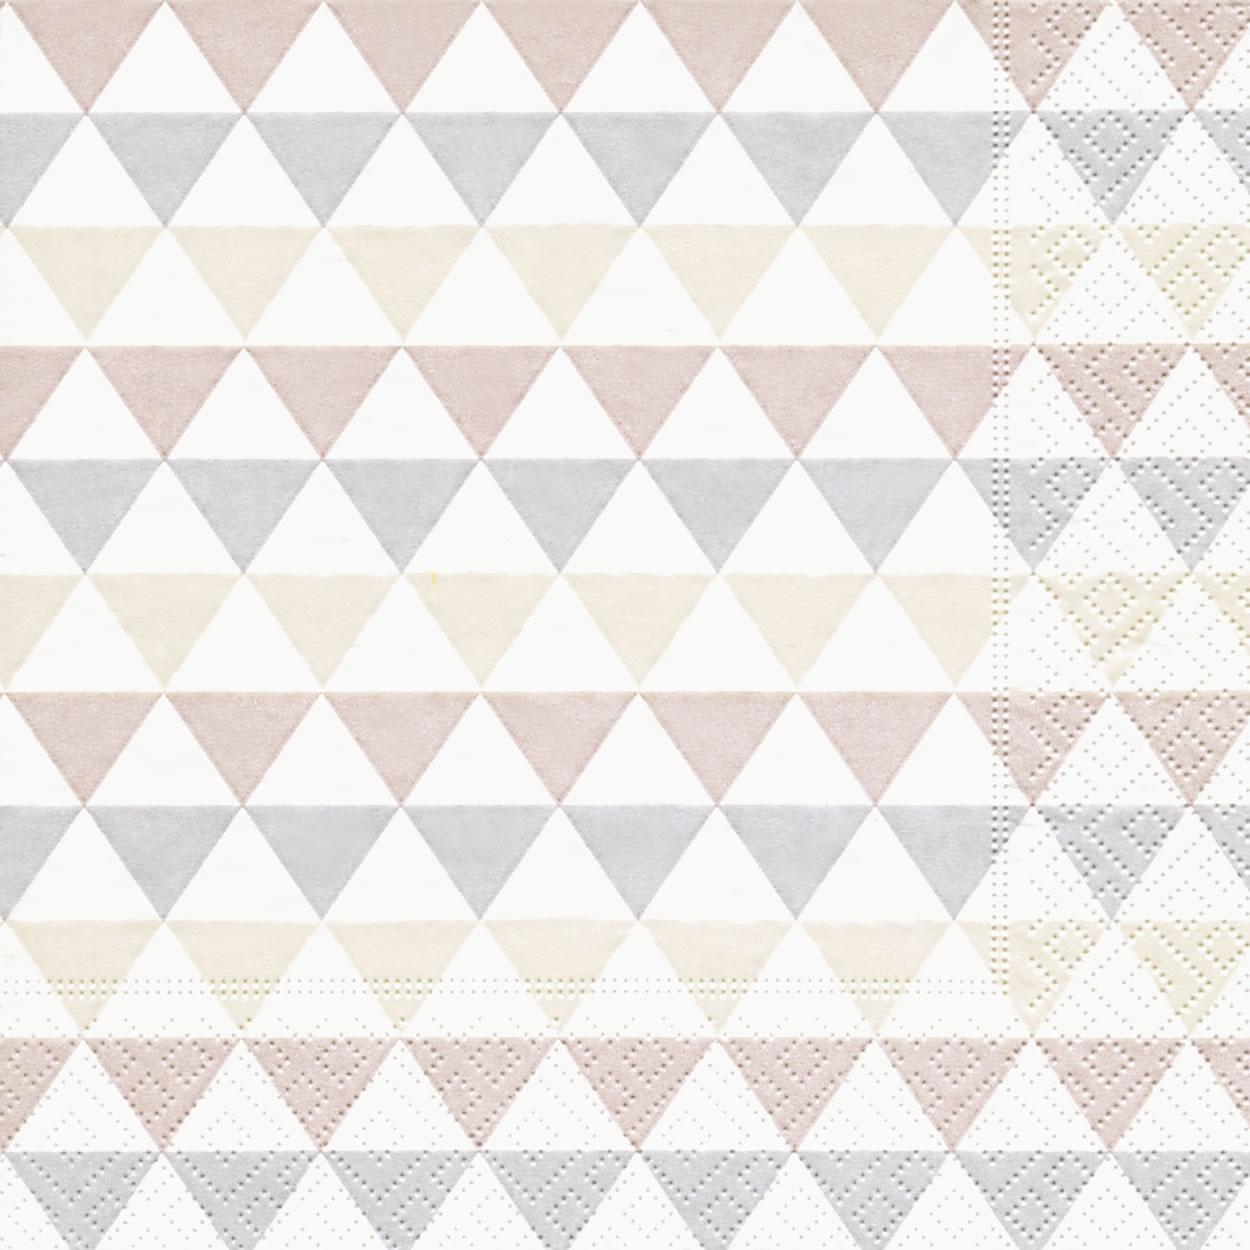 Lunch Servietten Triangle pattern,  Sonstiges - Muster,  Everyday,  lunchservietten